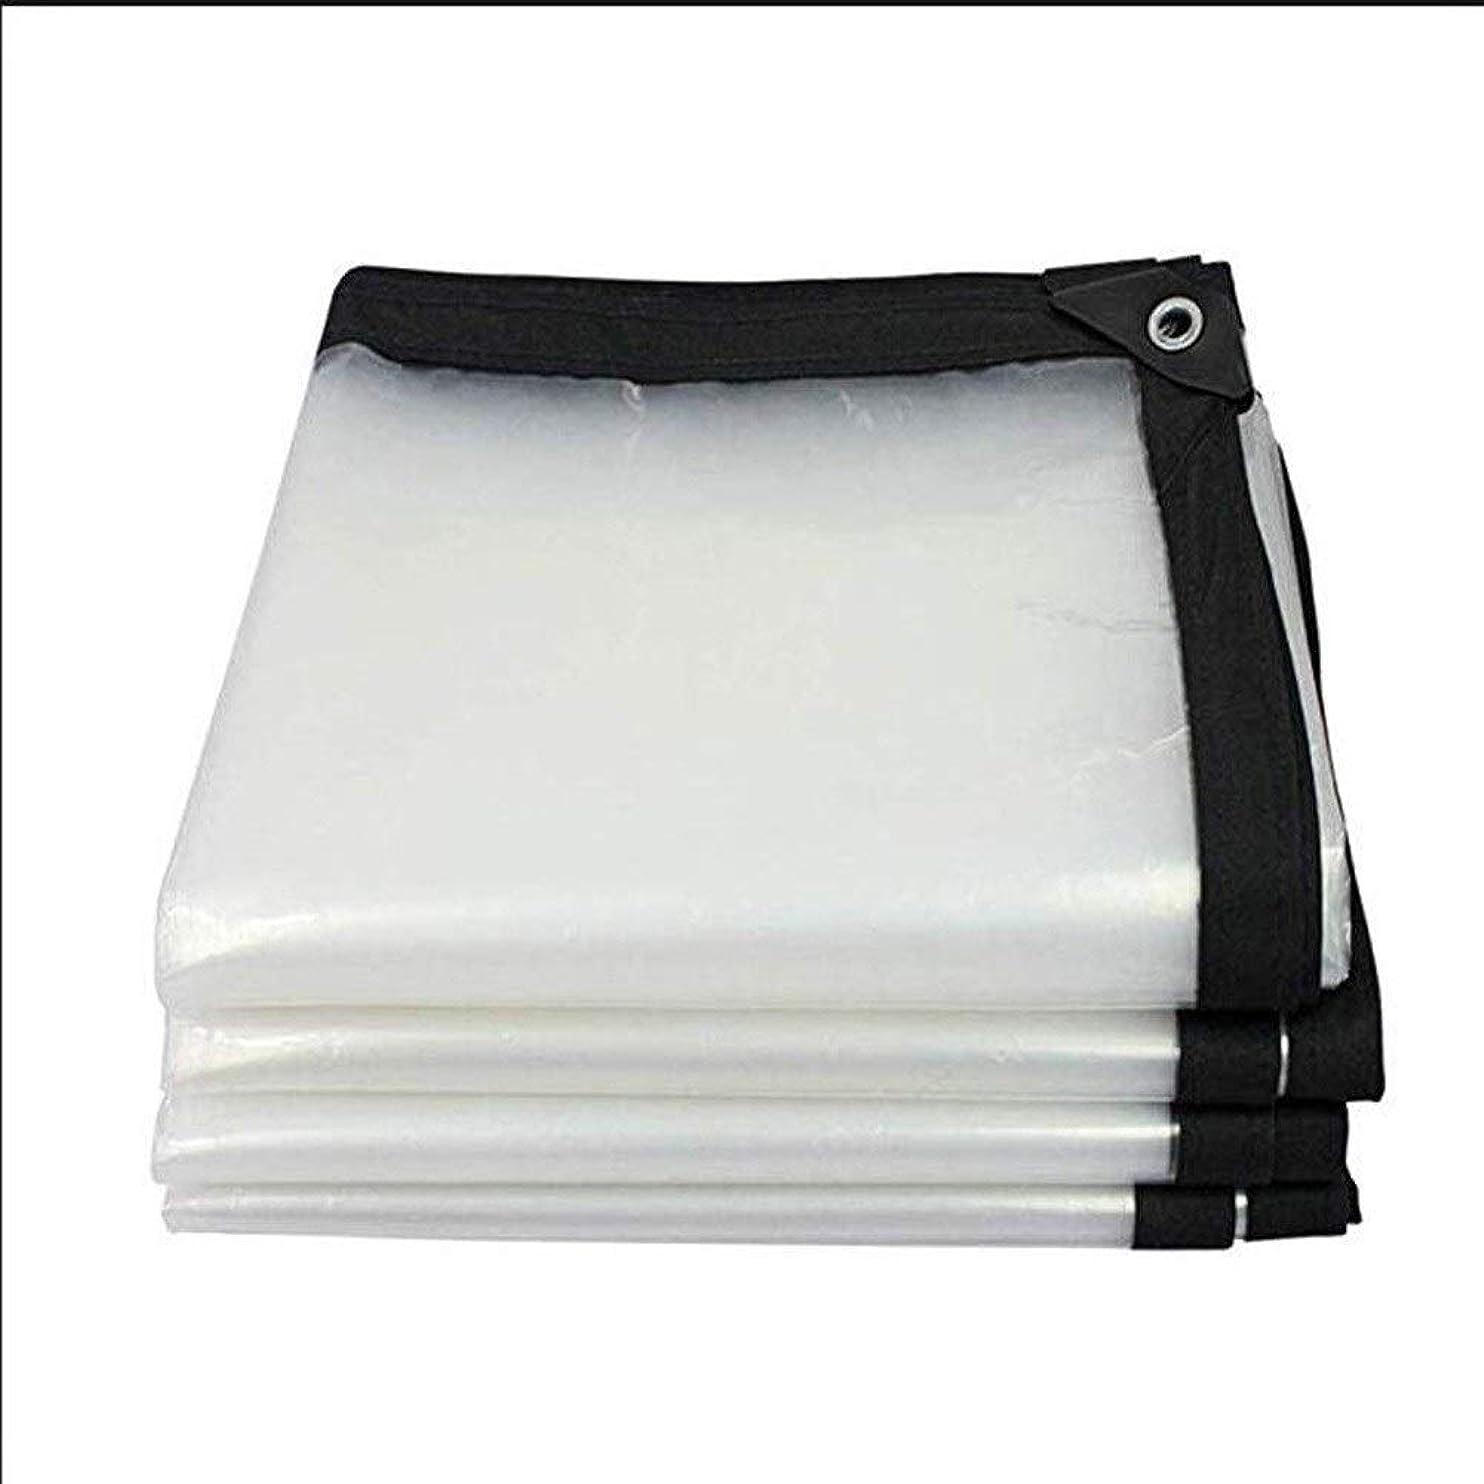 ぶら下がる誕生日仕えるLCAIHUA 防水シート透明なPVCプラスチックシート断熱水分屋外バルコニー、サイズ22 (Color : Clear, Size : 3x4m)